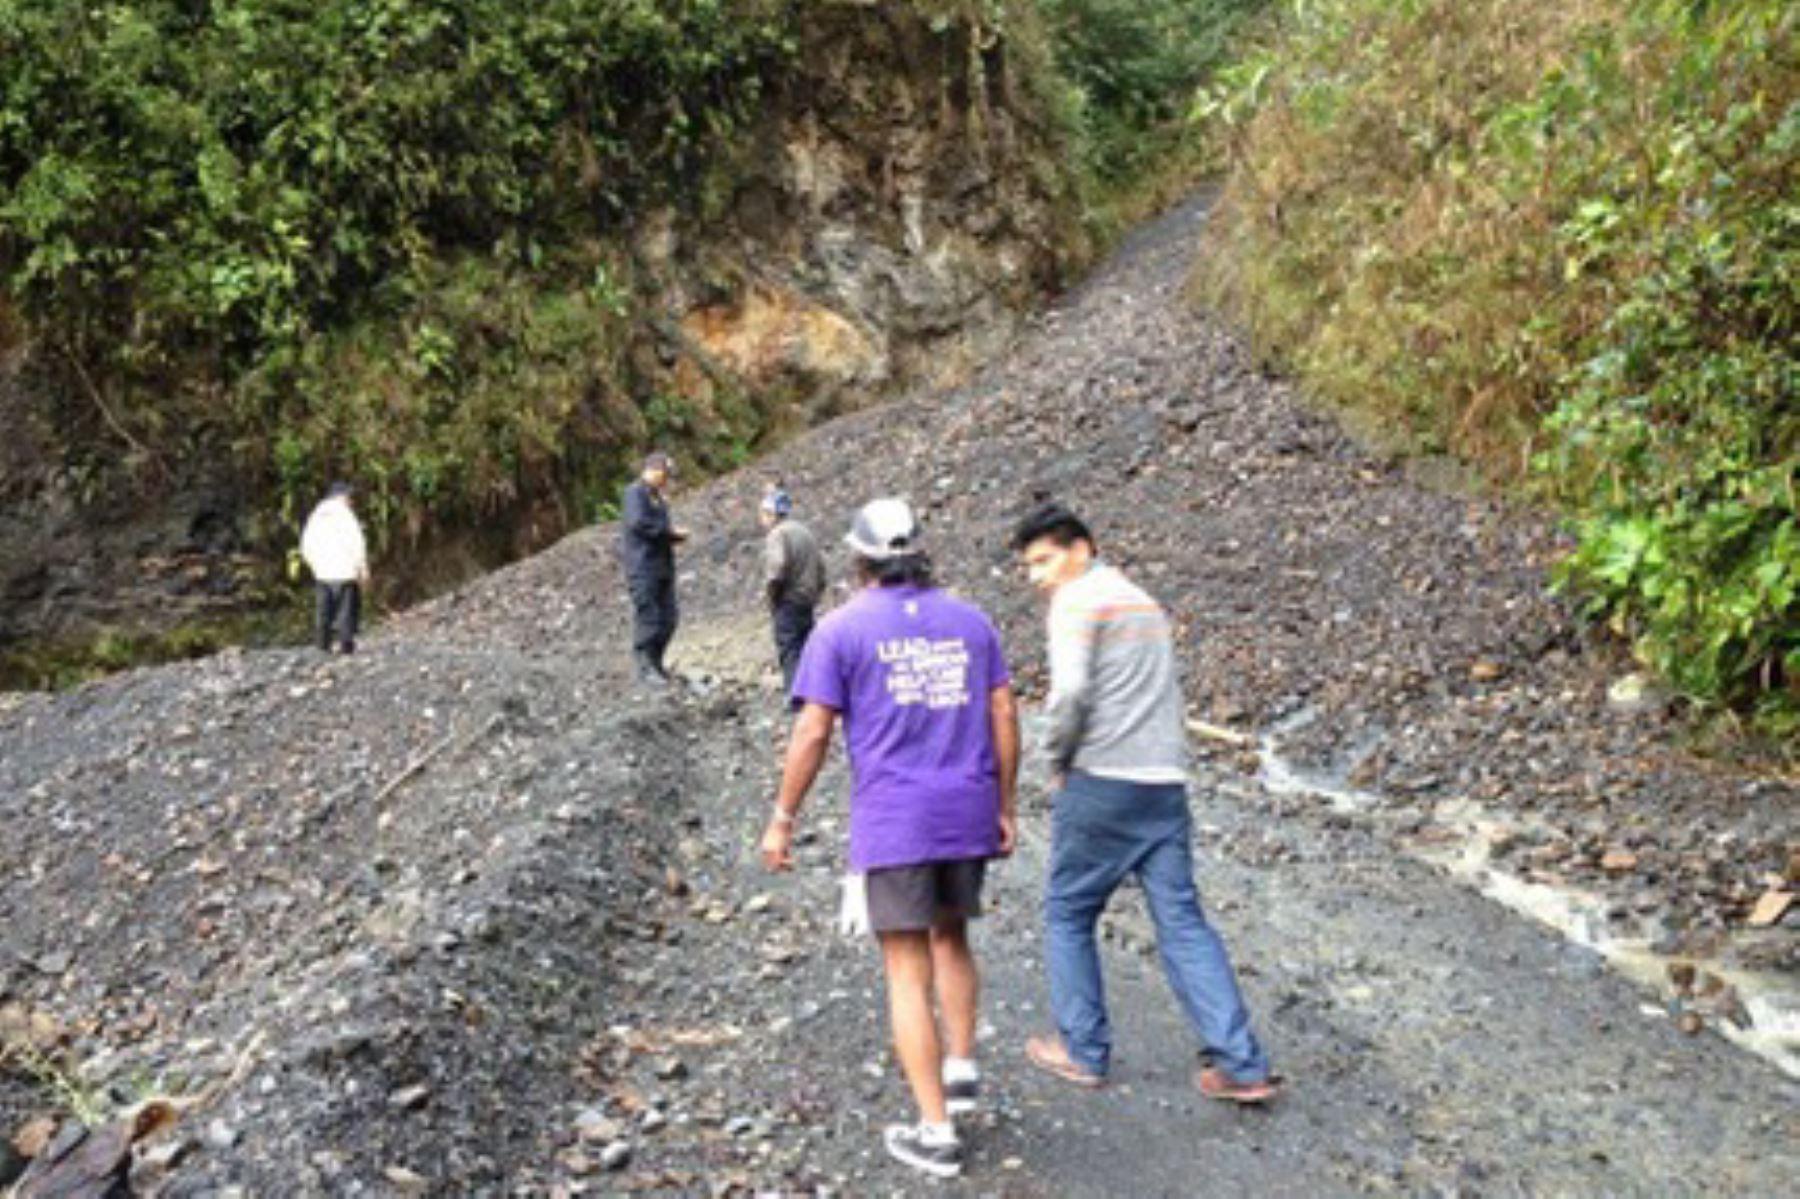 Autoridades de Cusco piden tomar precauciones en el traslado de turistas que visitan el Parque Nacional del Manu. ANDINA